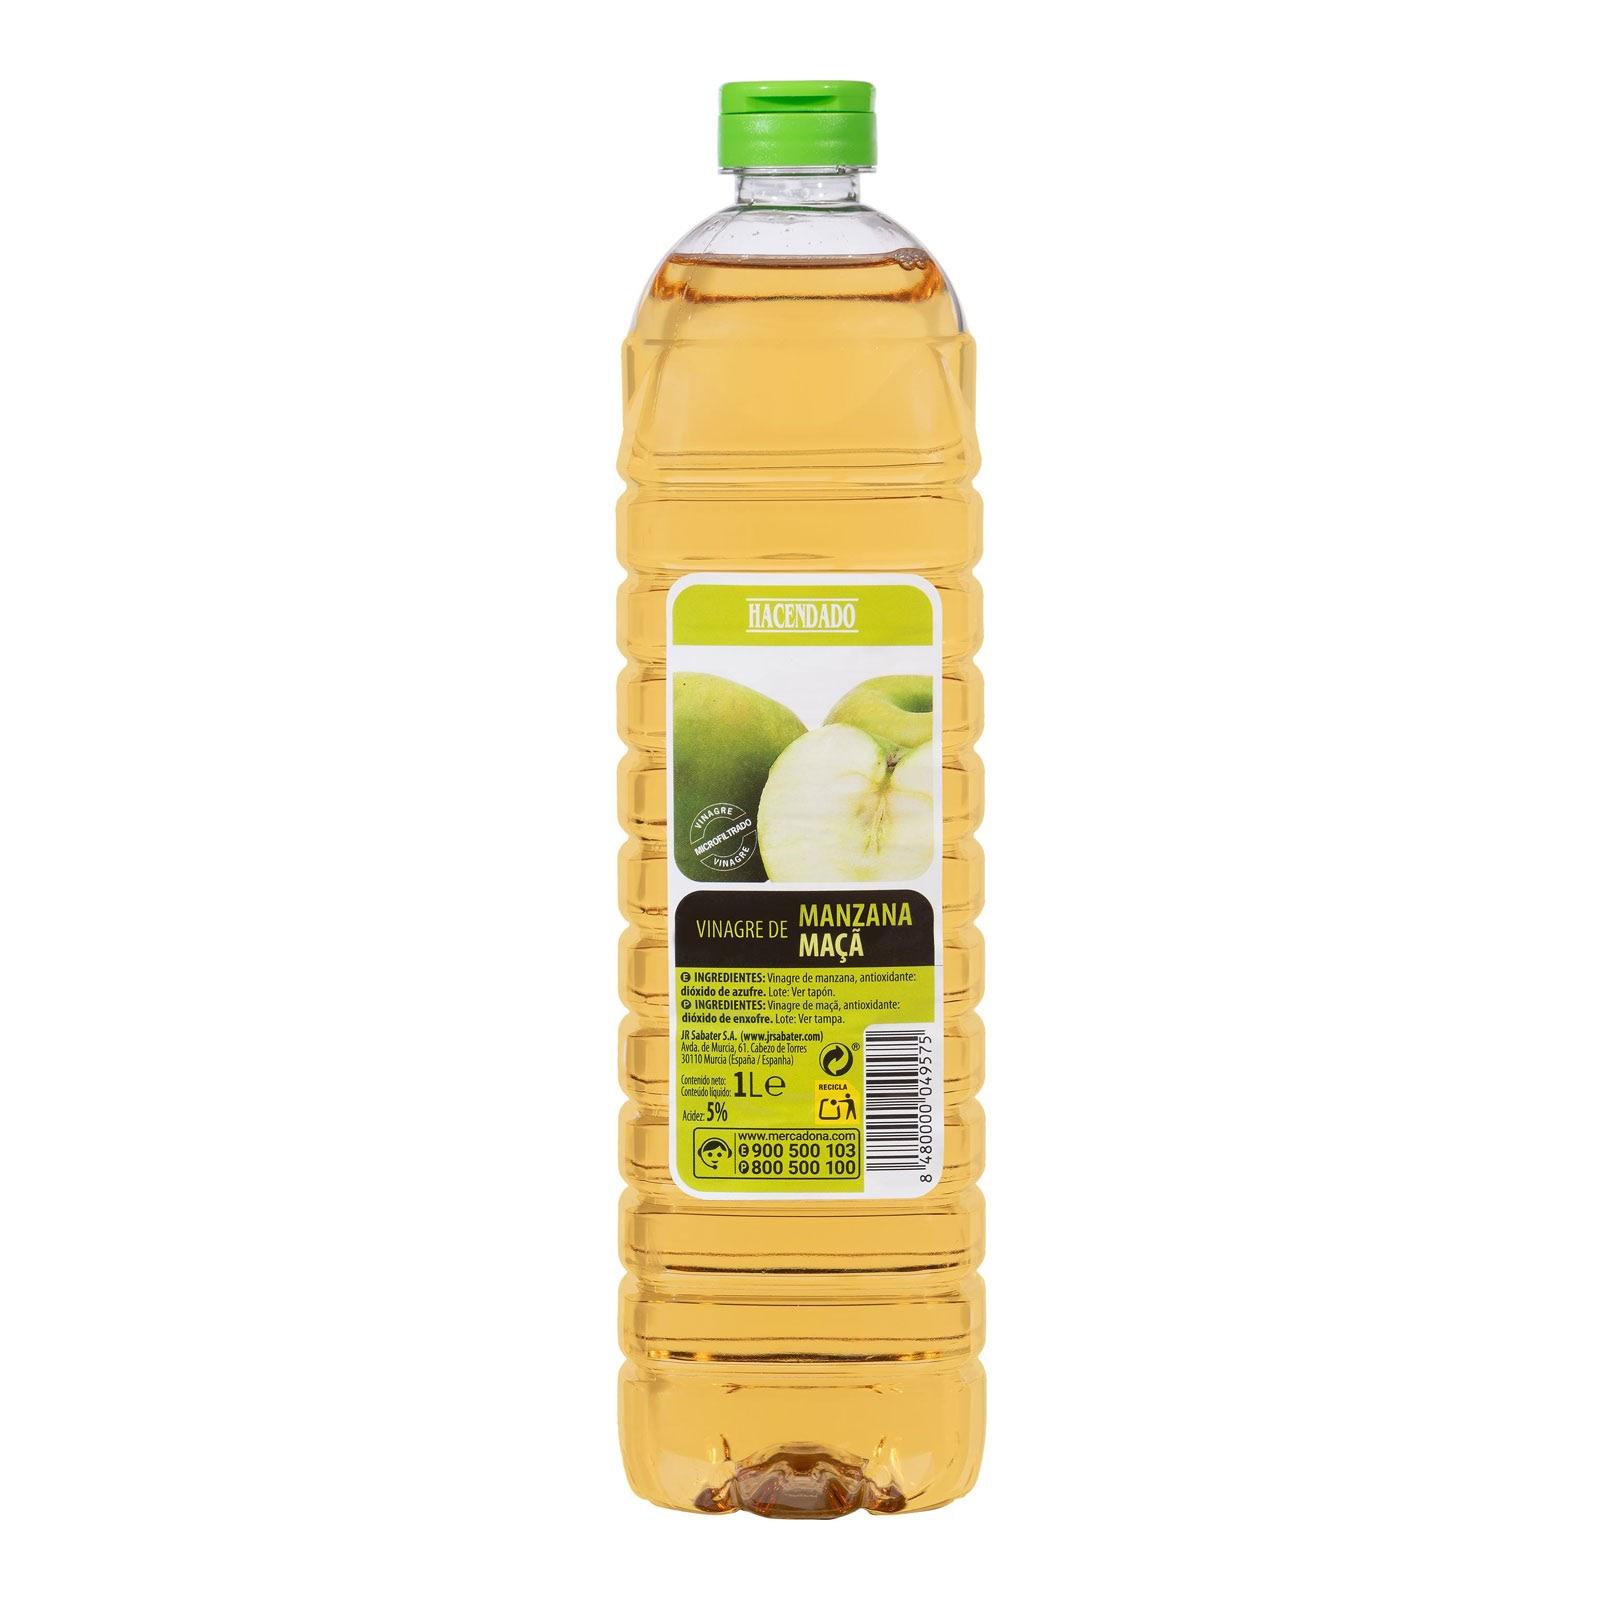 Vinagre de manzana Hacendado